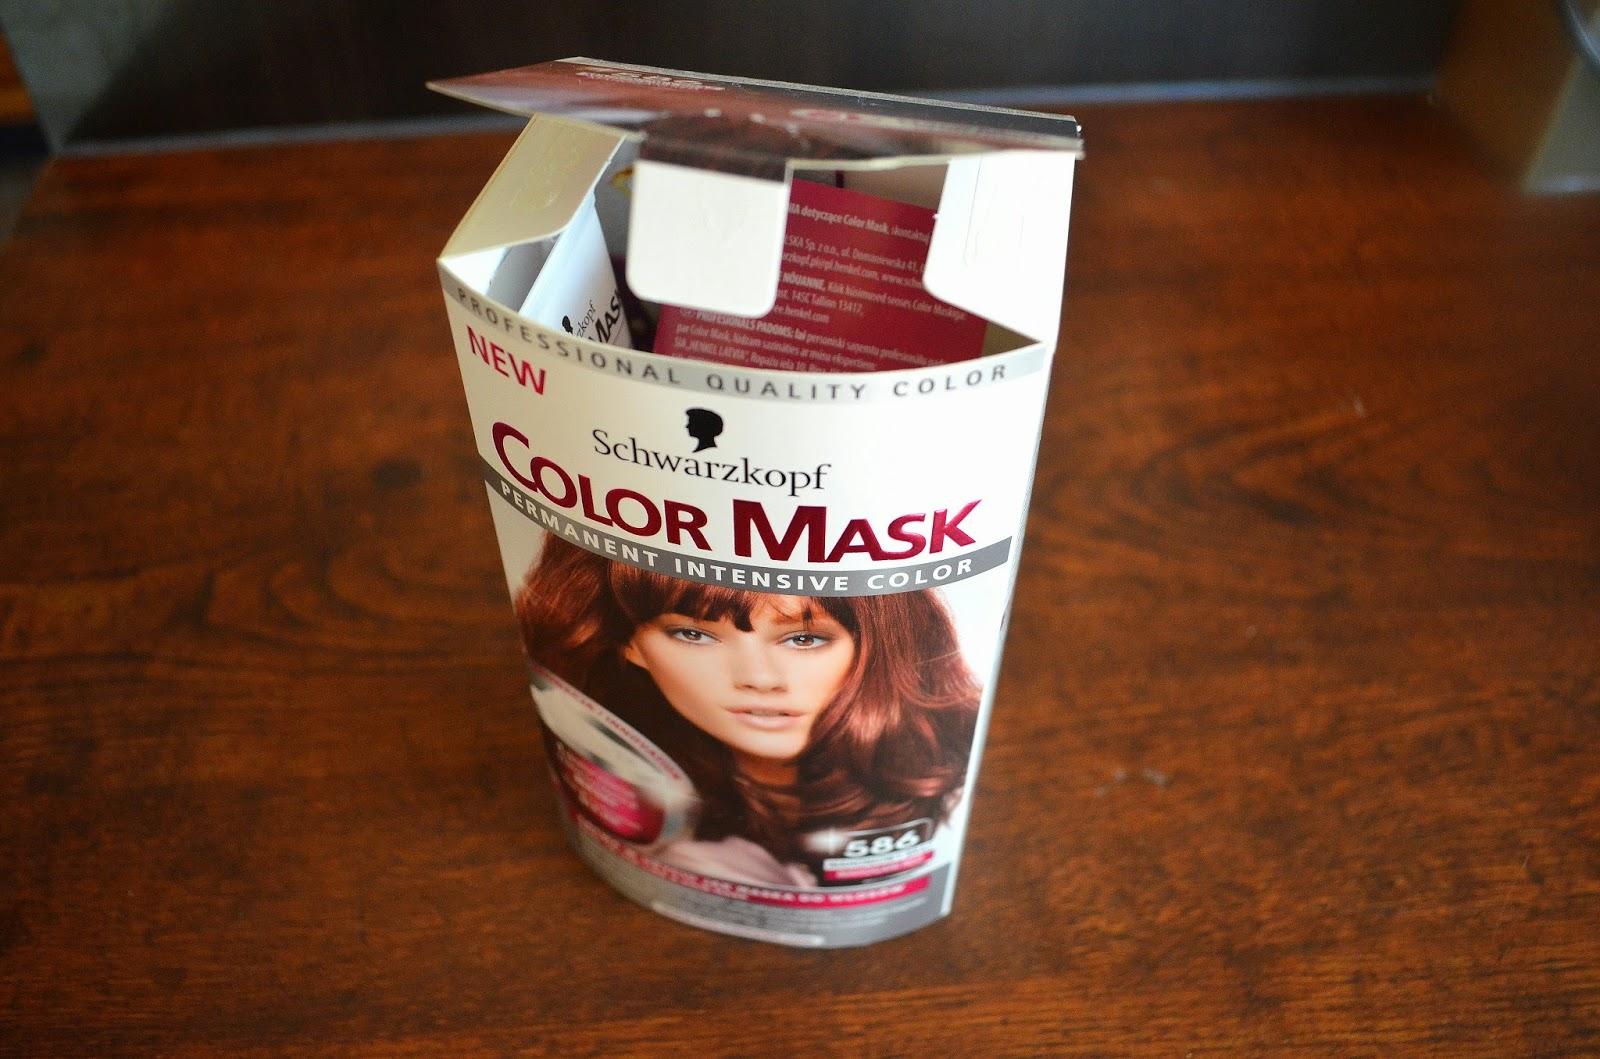 Domowa Koloryzacja - Schwarzkopf Color Mask